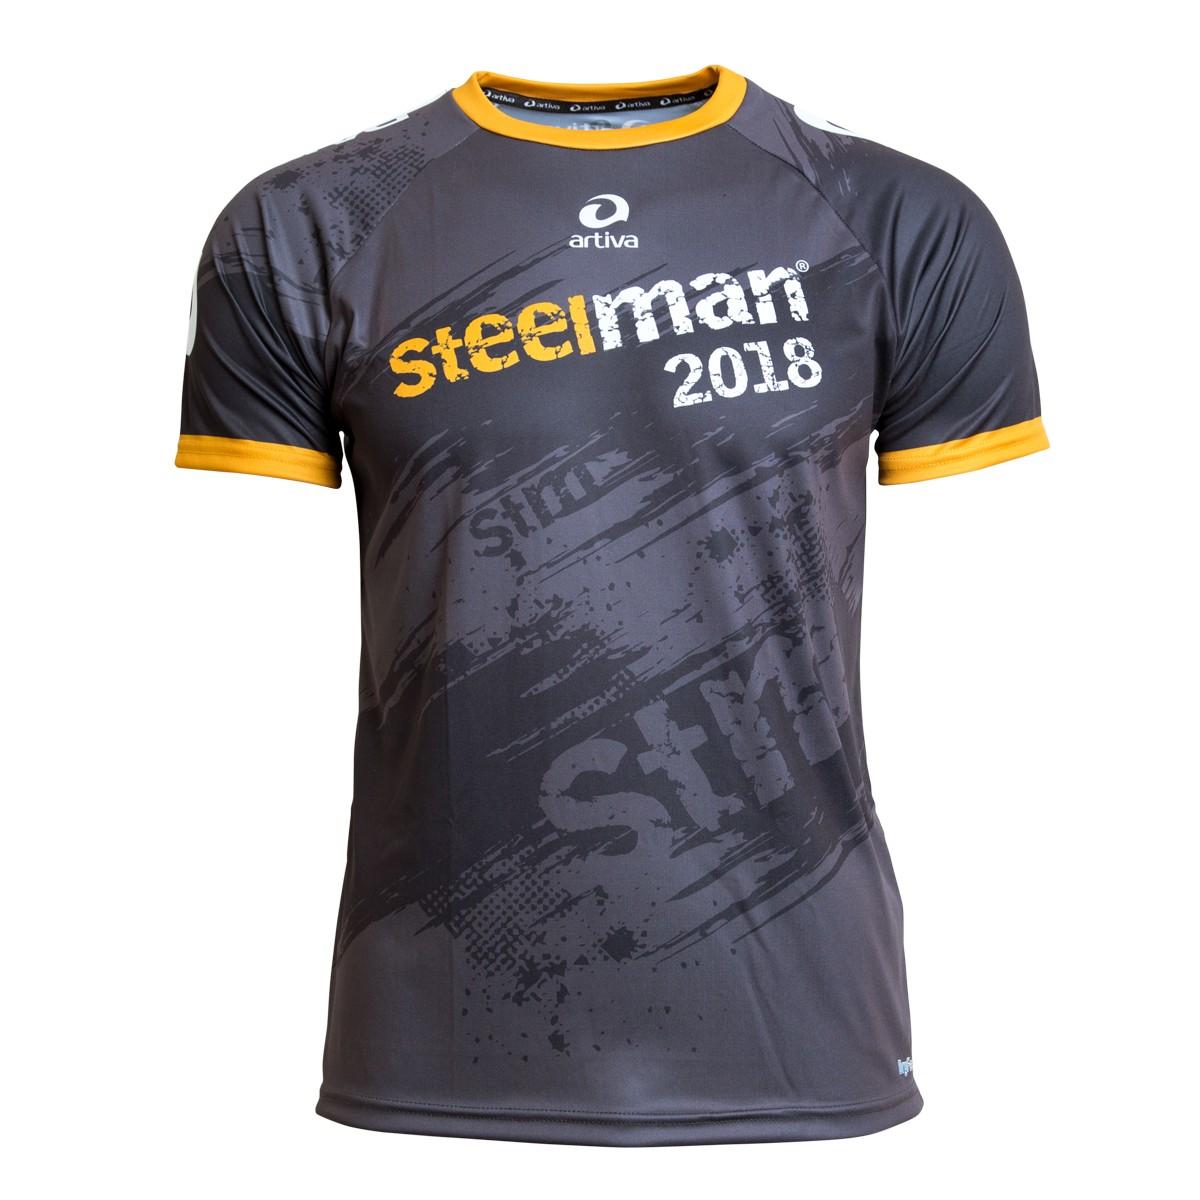 newest fc58f d342b Offizielles Steelman Shirt shortsleeve 2018 Männer | Artiva ...